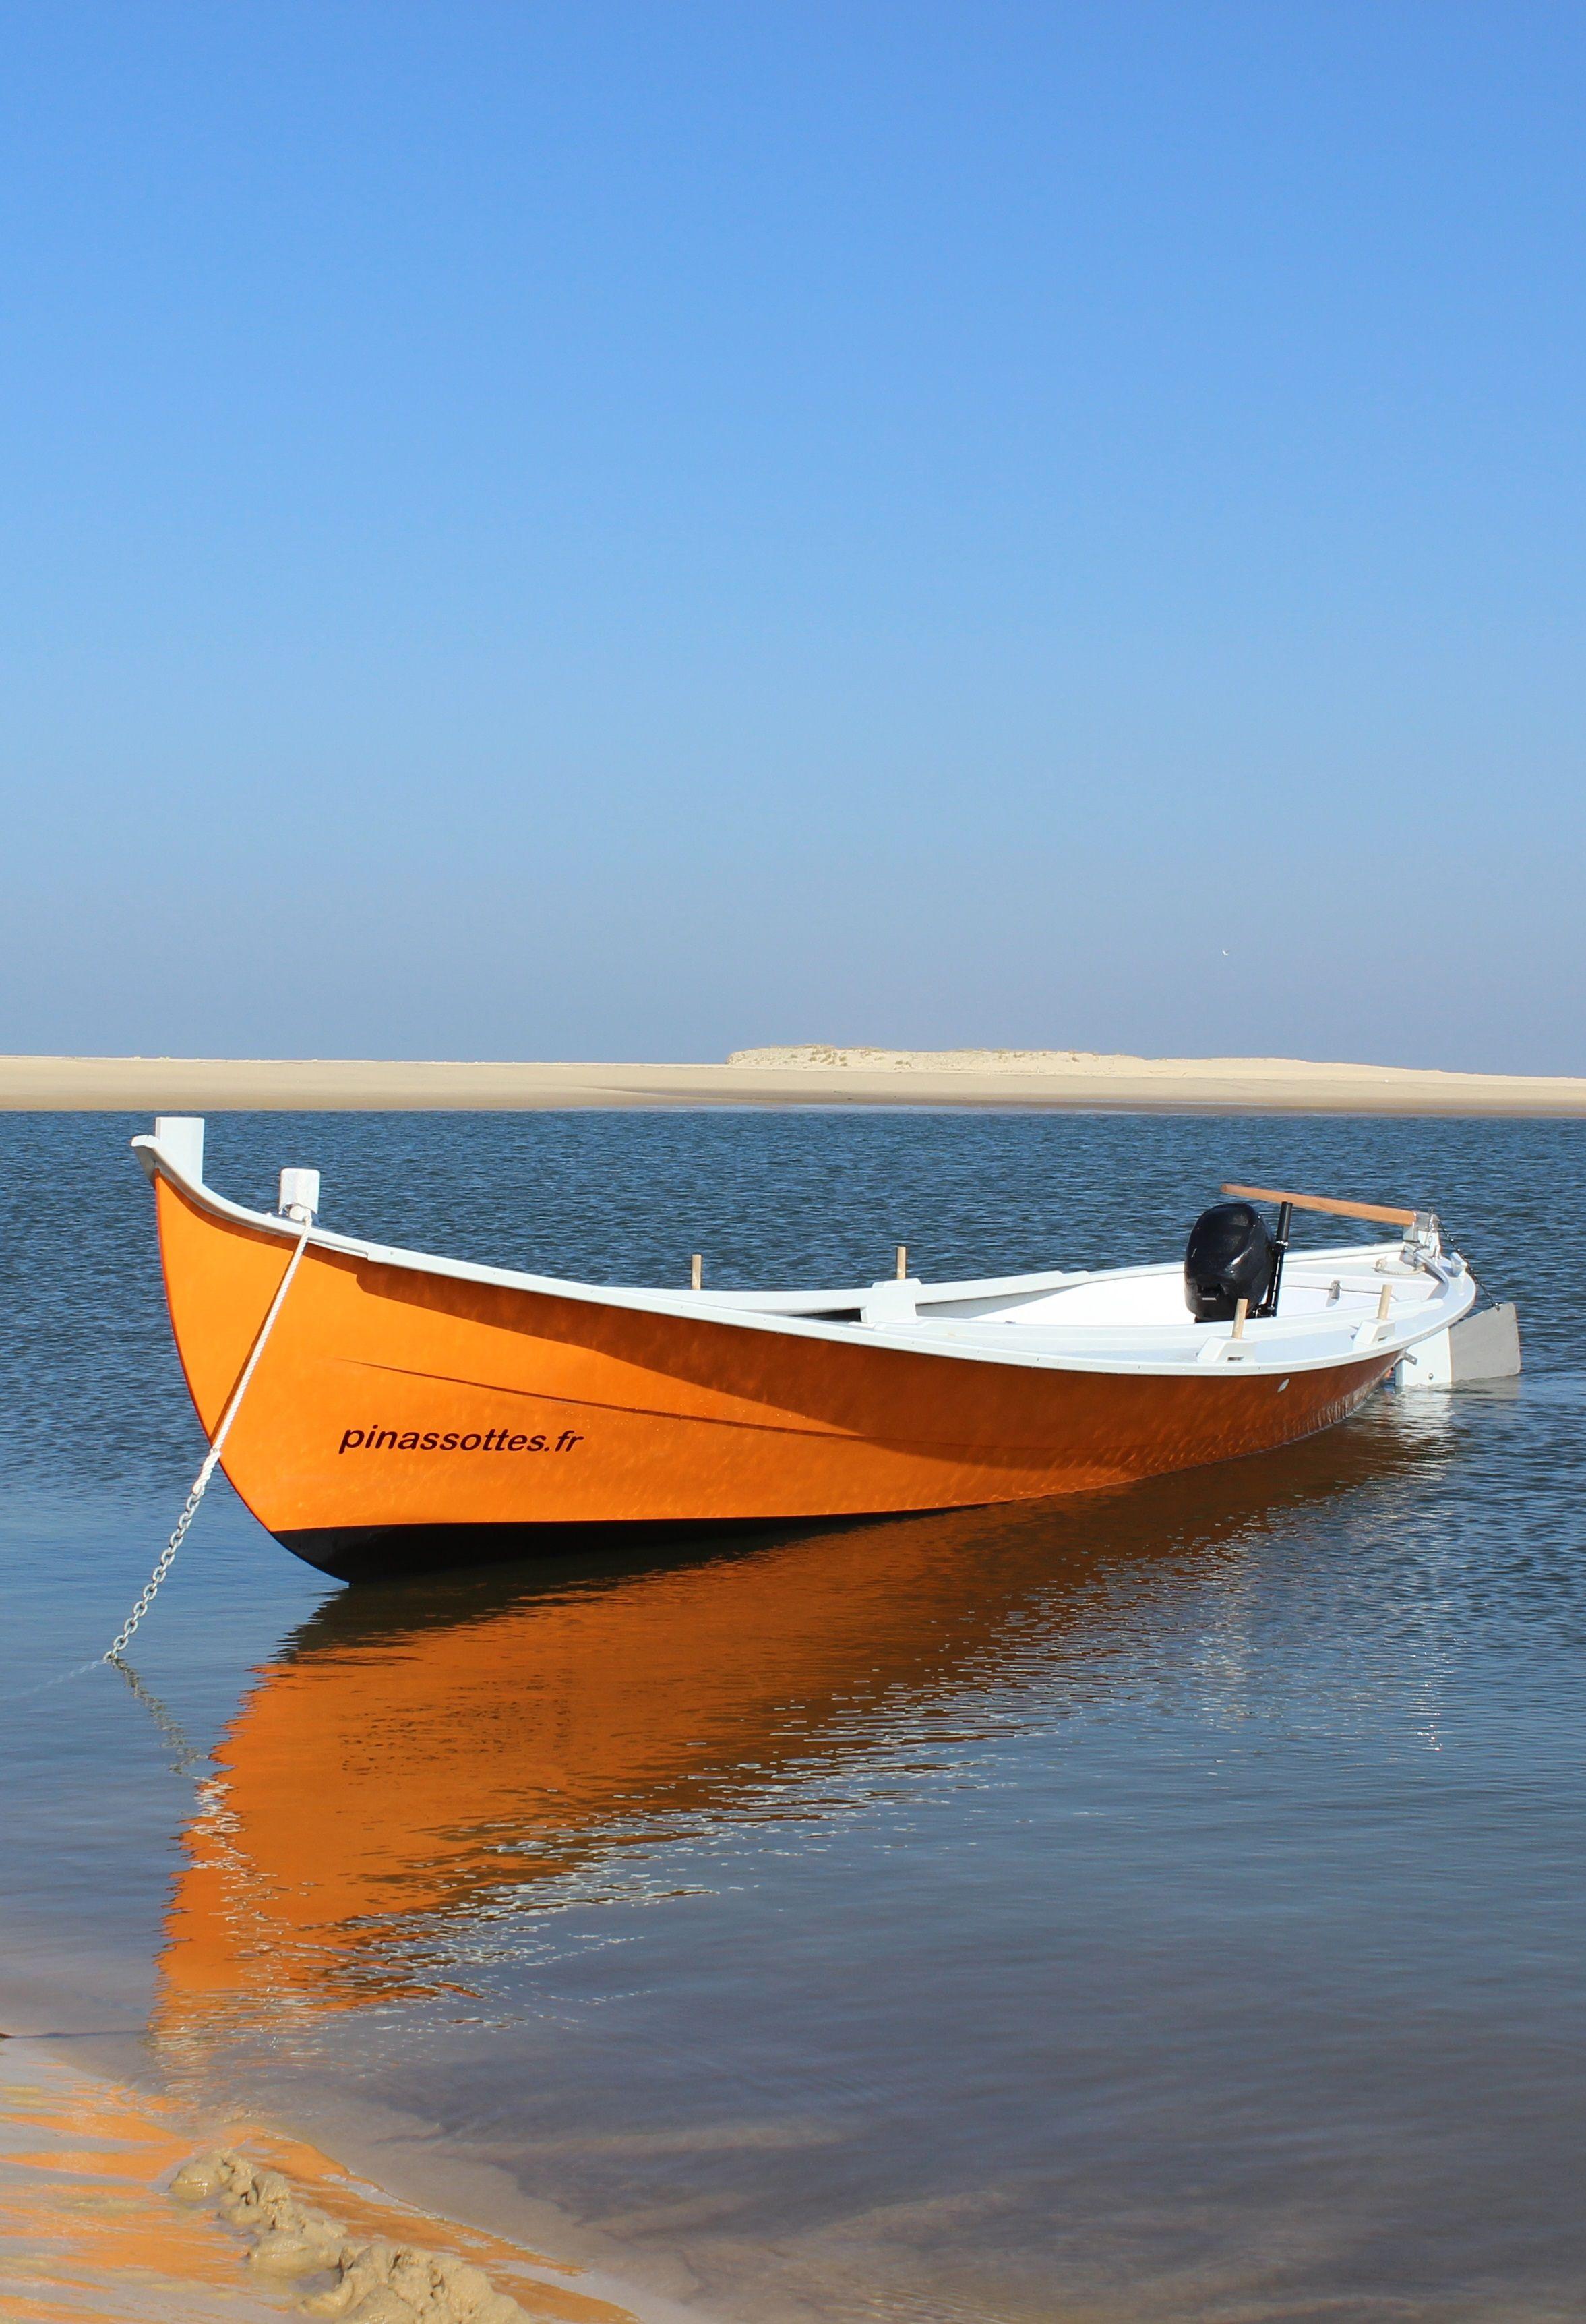 cette pinasse n 39 attend que de vous emmener sur les eaux calmes du bassin bateaux pinterest. Black Bedroom Furniture Sets. Home Design Ideas